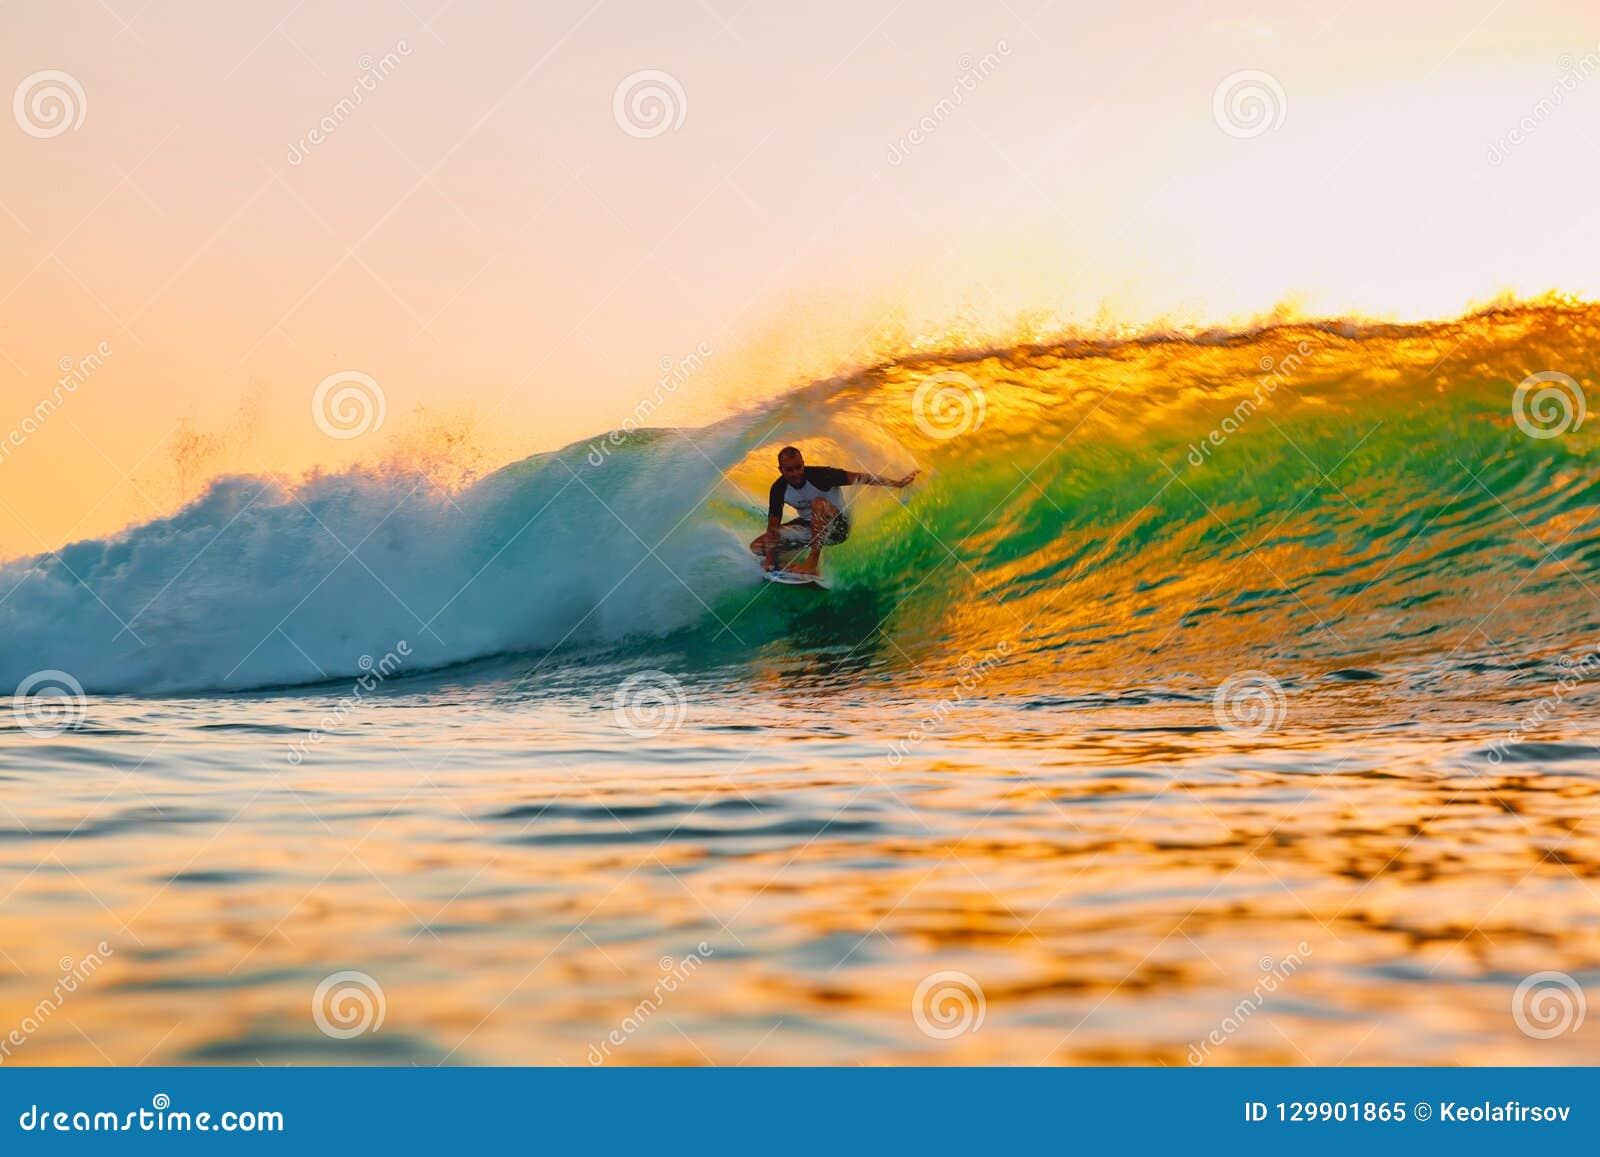 8 de septiembre de 2018 Bali, Indonesia Paseo de la persona que practica surf en onda del barril en la puesta del sol caliente El